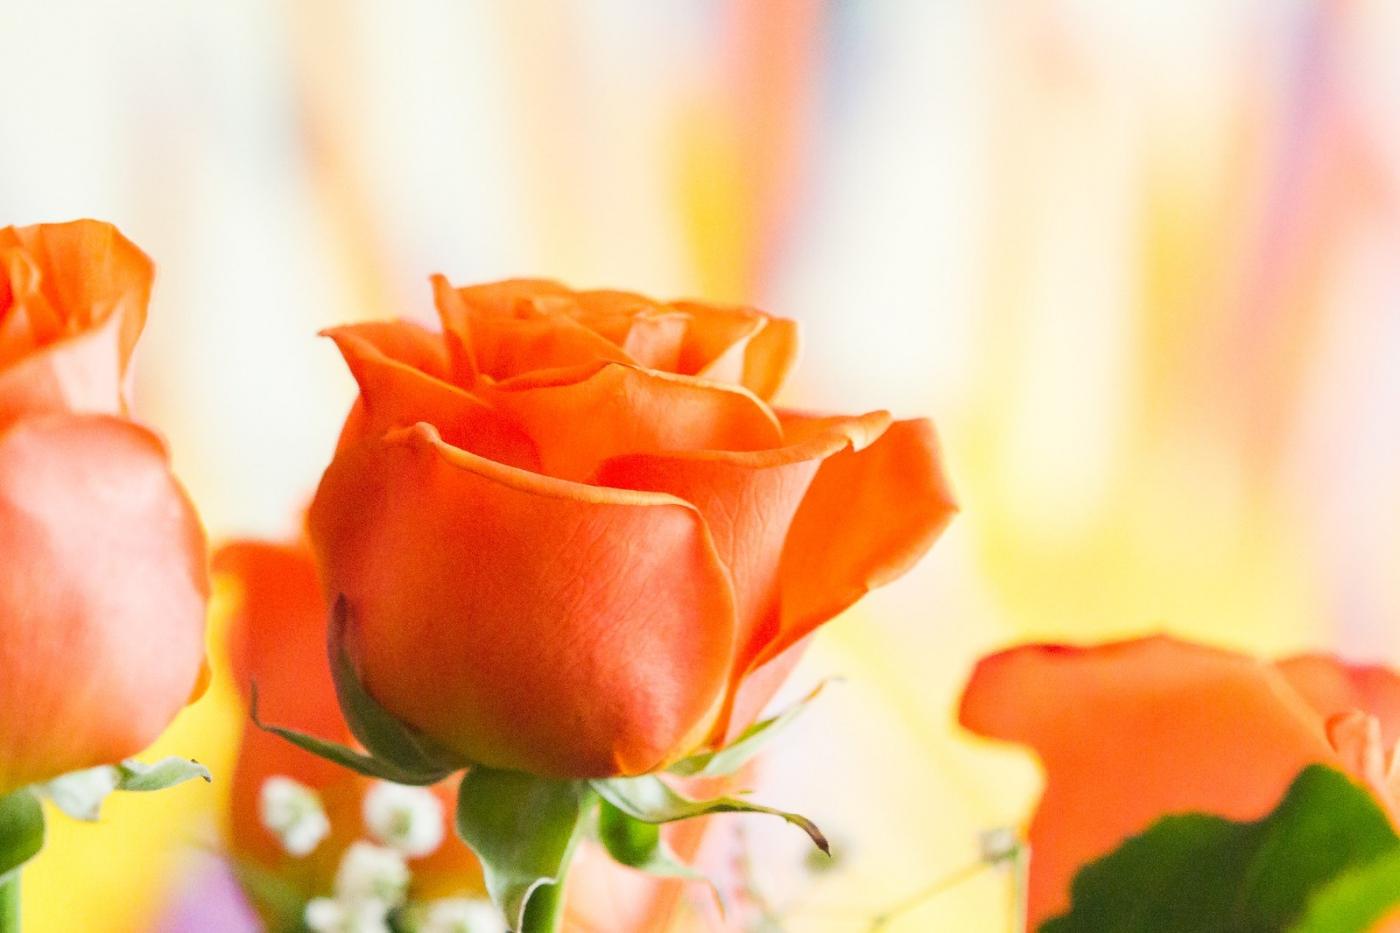 情人节你送花了吗?_图1-7